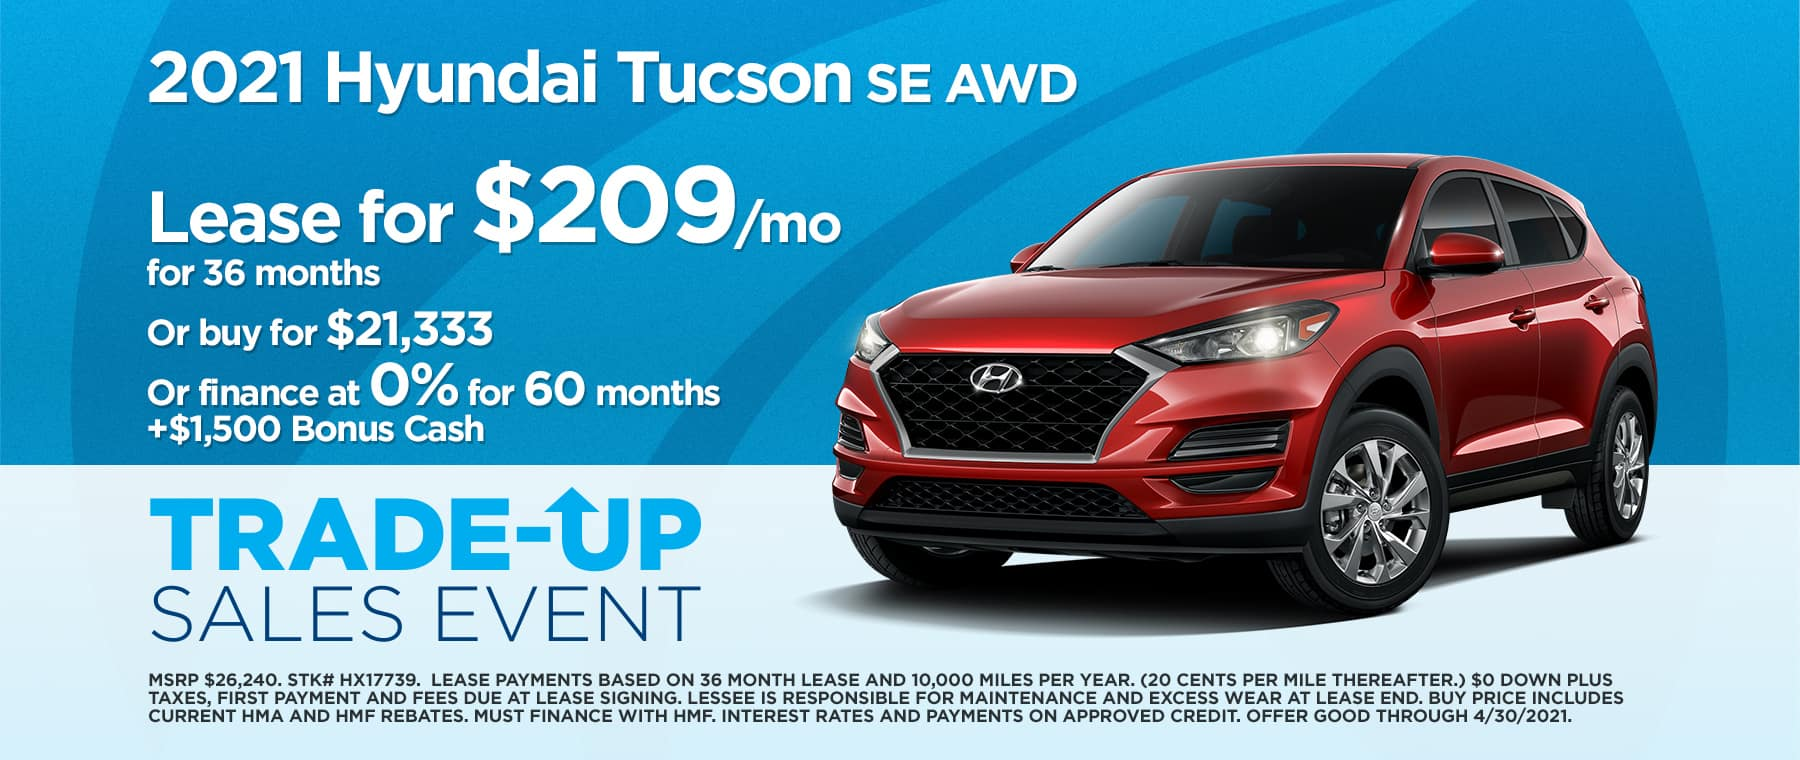 2104 Hyundai Tucson